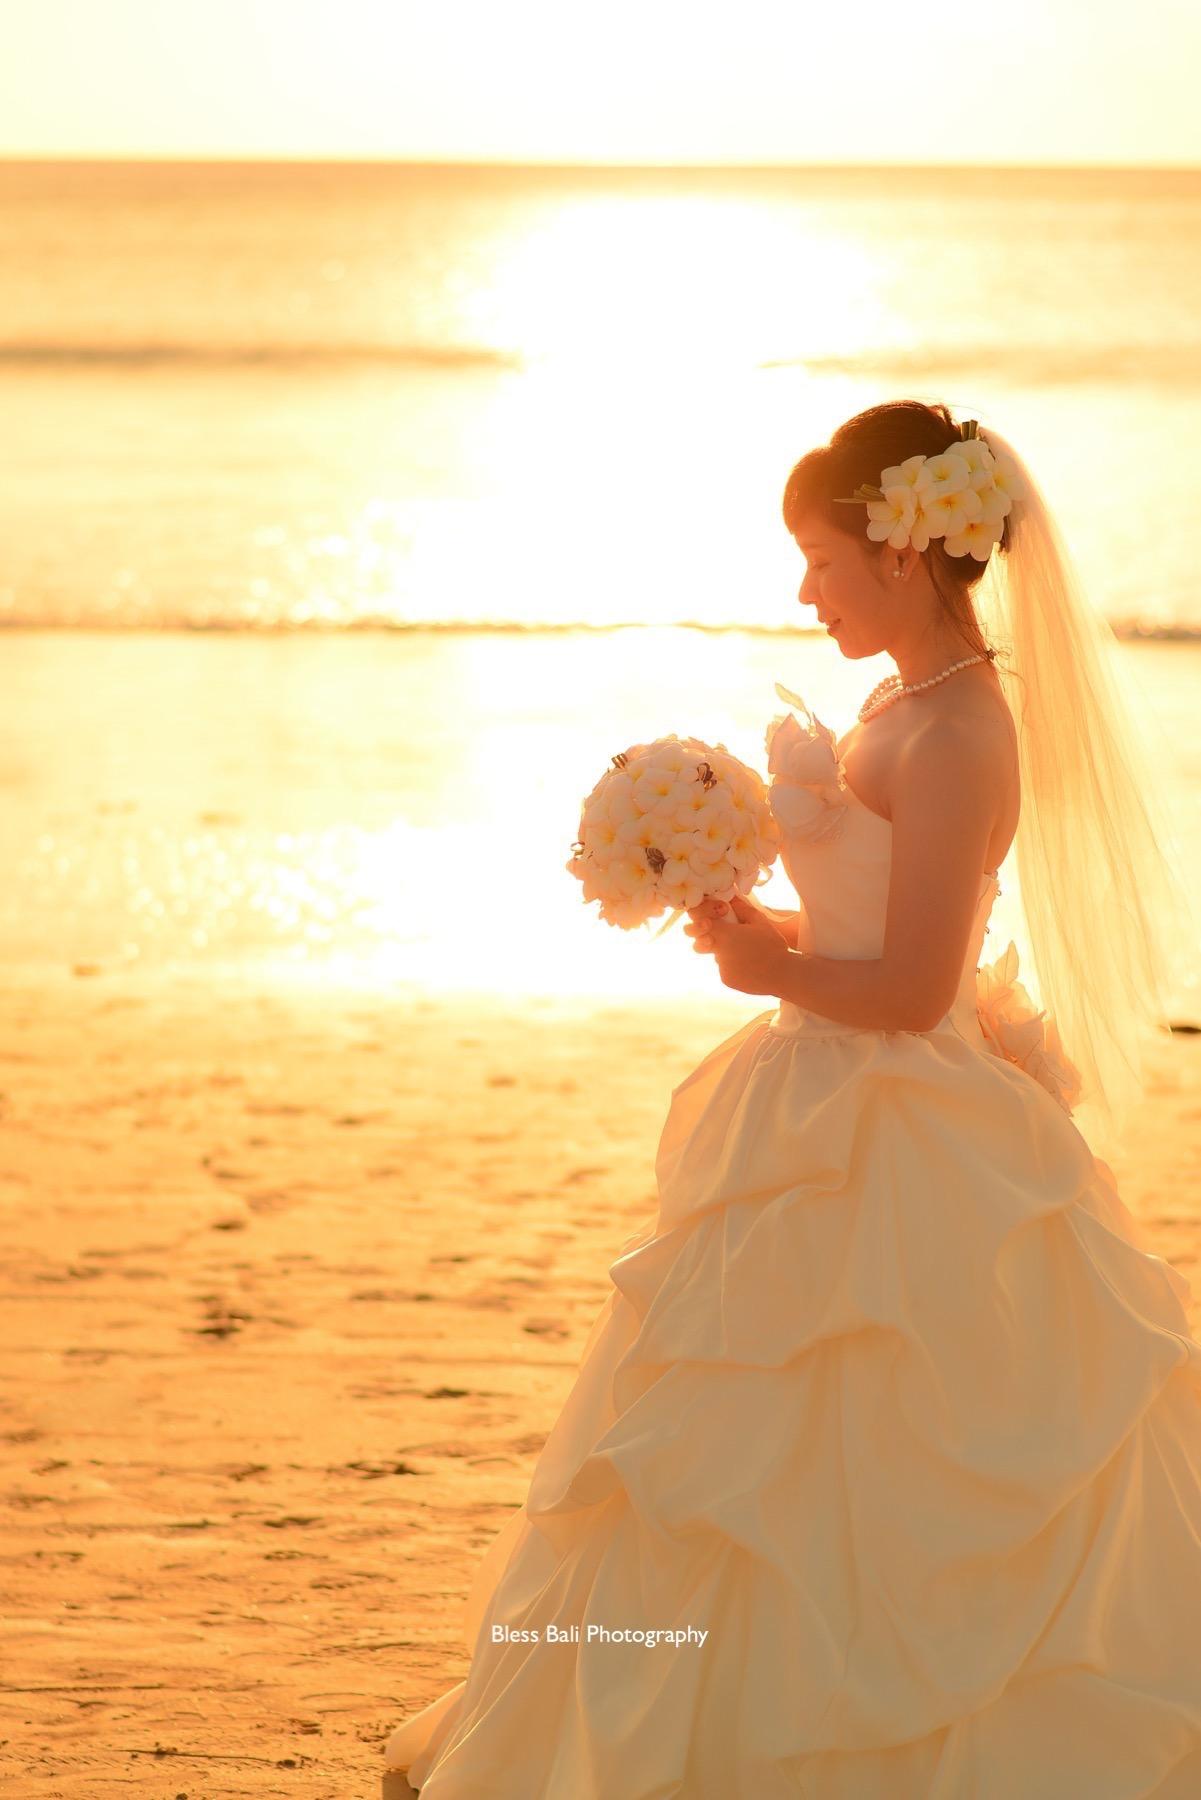 花嫁様のソロショット